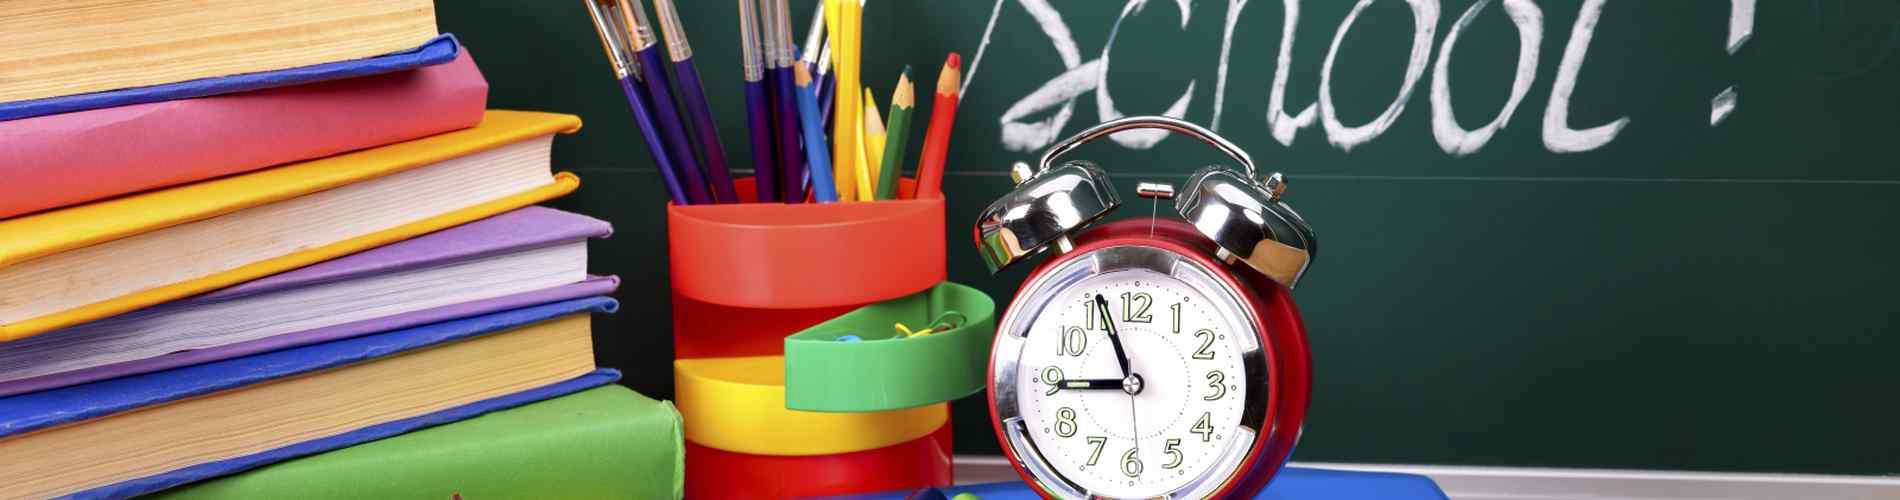 <p>Родители полностью погрузились в школьные хлопоты &#8212; тетрадки, линейки, ранцы, мешочки для обуви, не забыть про парикмахера )), а об учителях кто-нибудь вспомнил?</p>